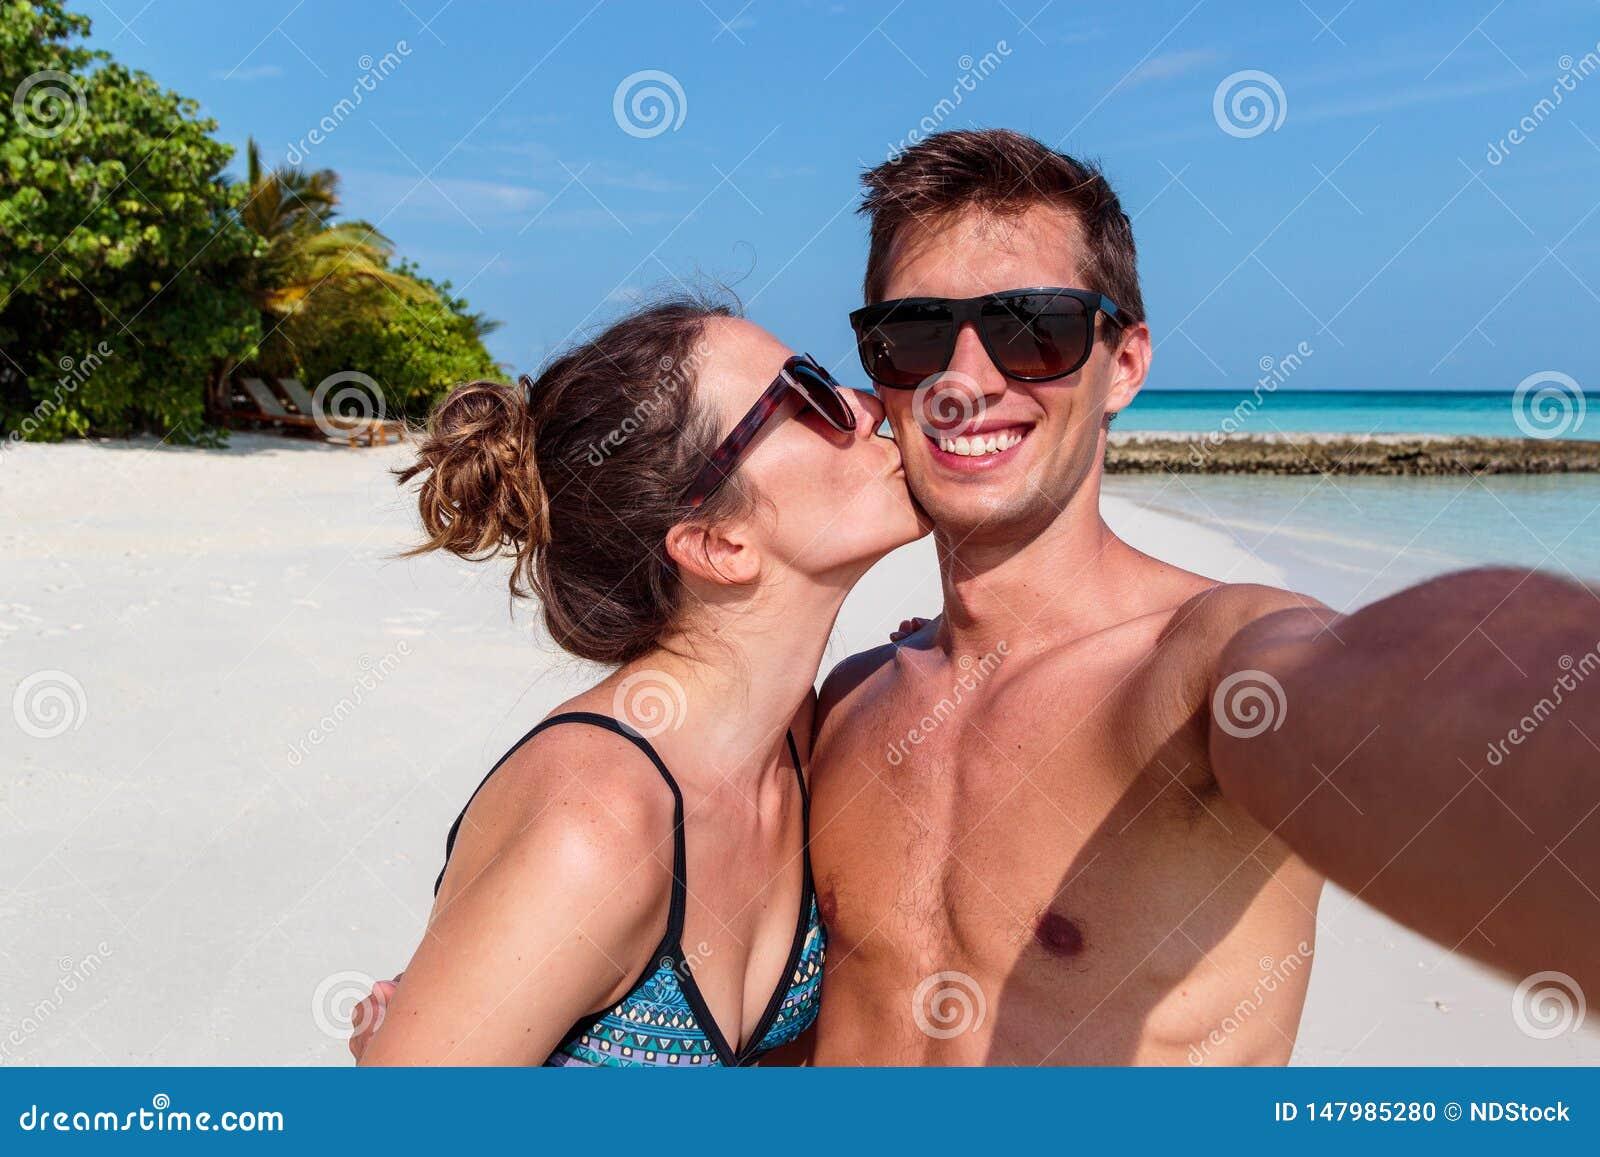 Ευτυχές νέο ζεύγος που παίρνει ένα selfie, ένα τροπικό νησί και ένα σαφές μπλε νερό ως υπόβαθρο Κορίτσι που φιλά το φίλο του